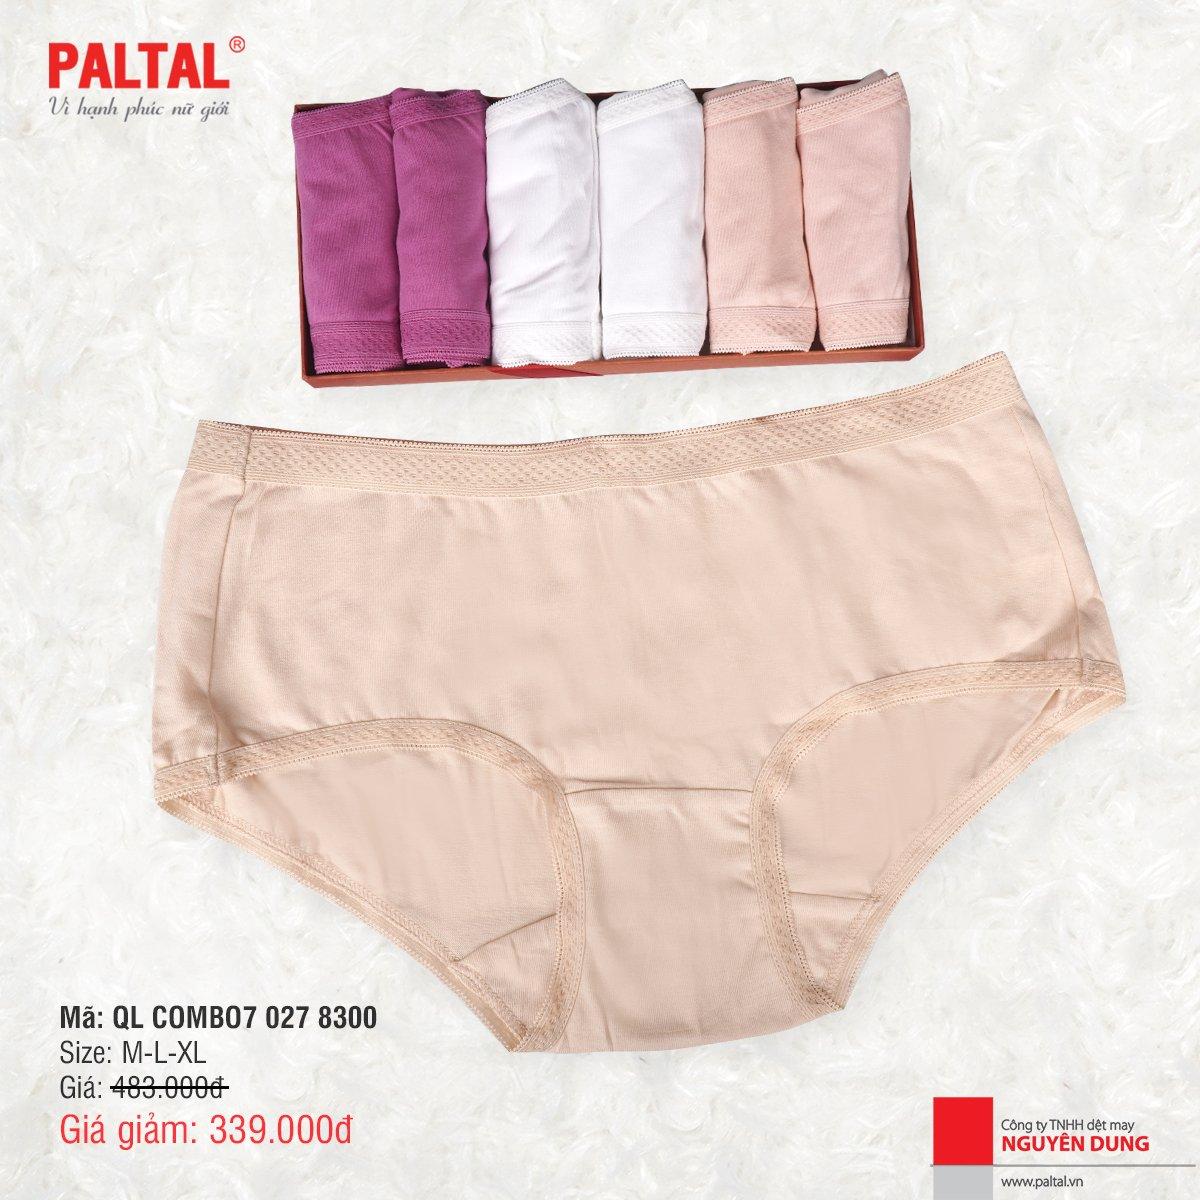 Combo 7 quần lót kháng khuẩn cao cấp paltal ql 027p 8300